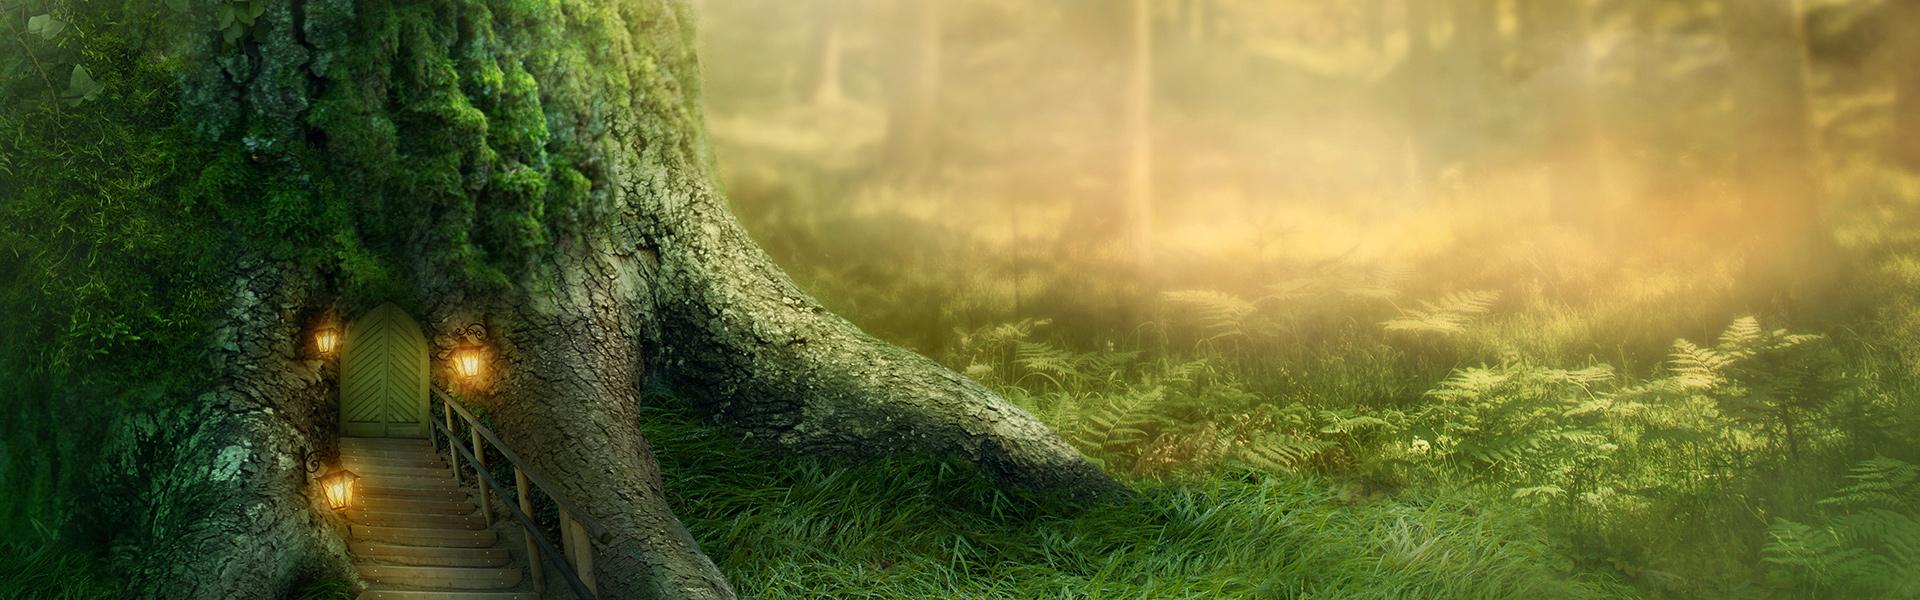 arbre le paysage forest l u00e9zard contexte de l u0026 39 eau park de l